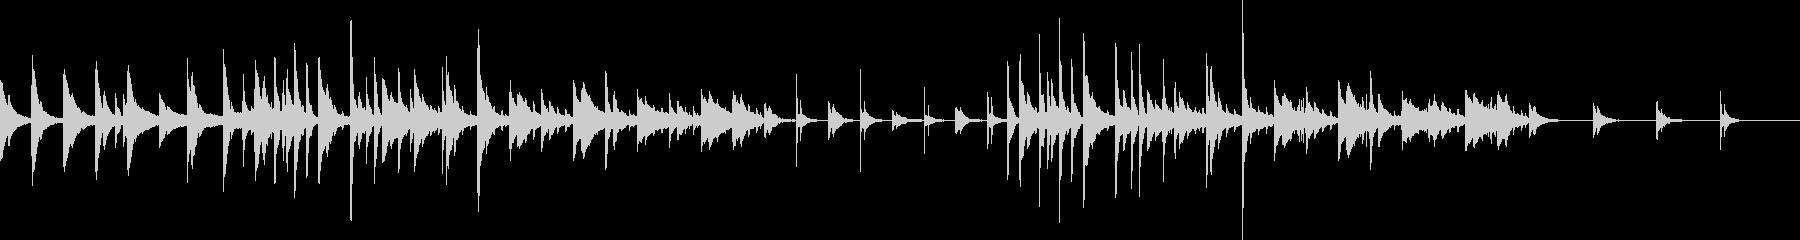 悲しい感じのするピアノ曲の未再生の波形